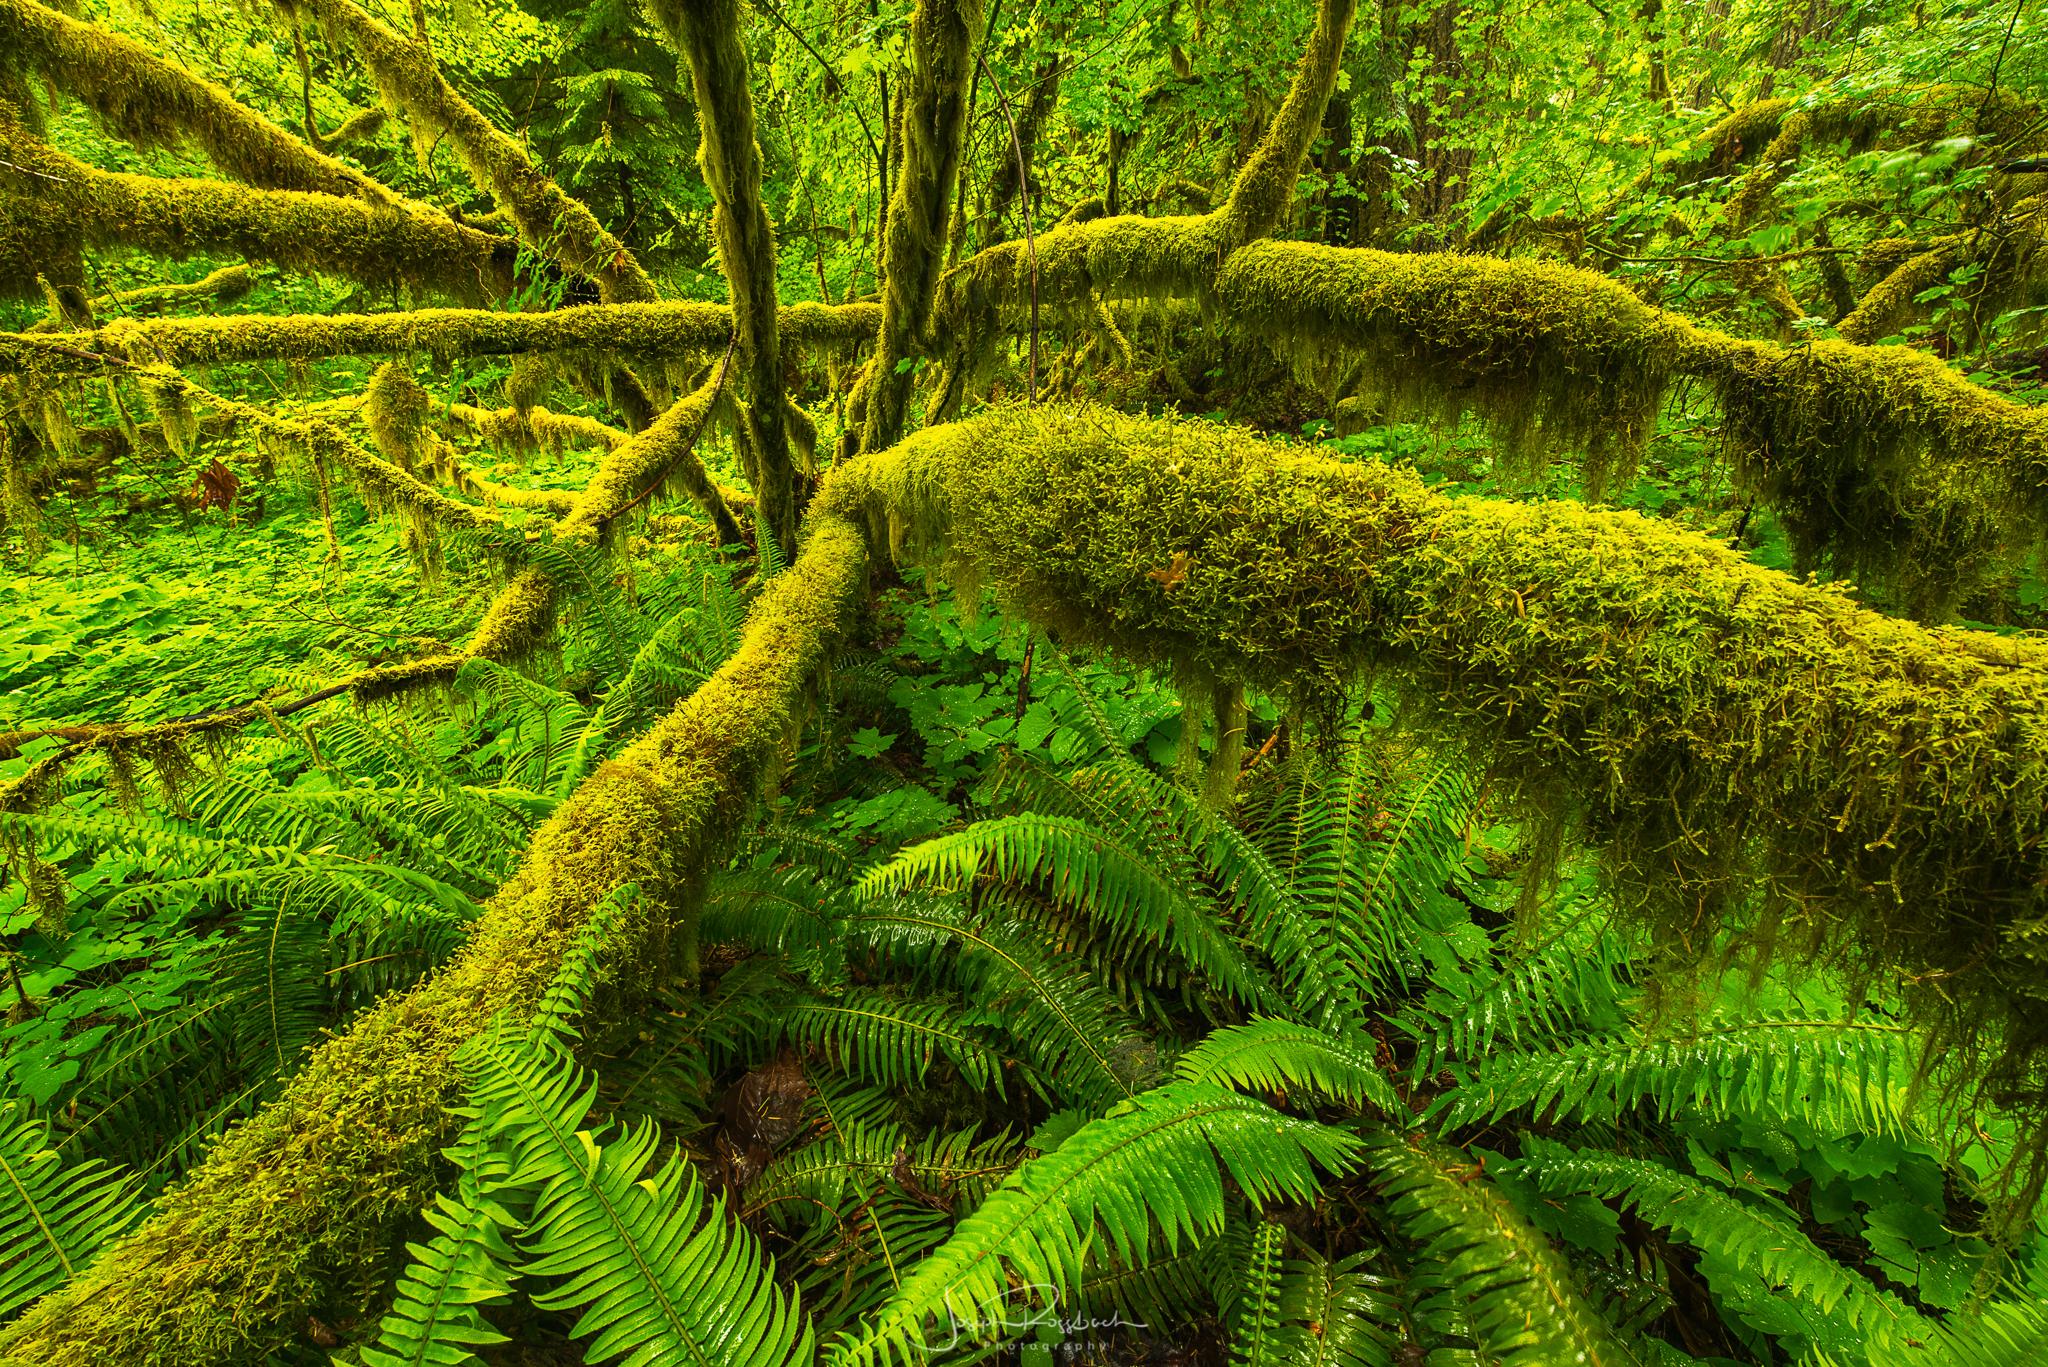 Parched Sample Image-34.jpg